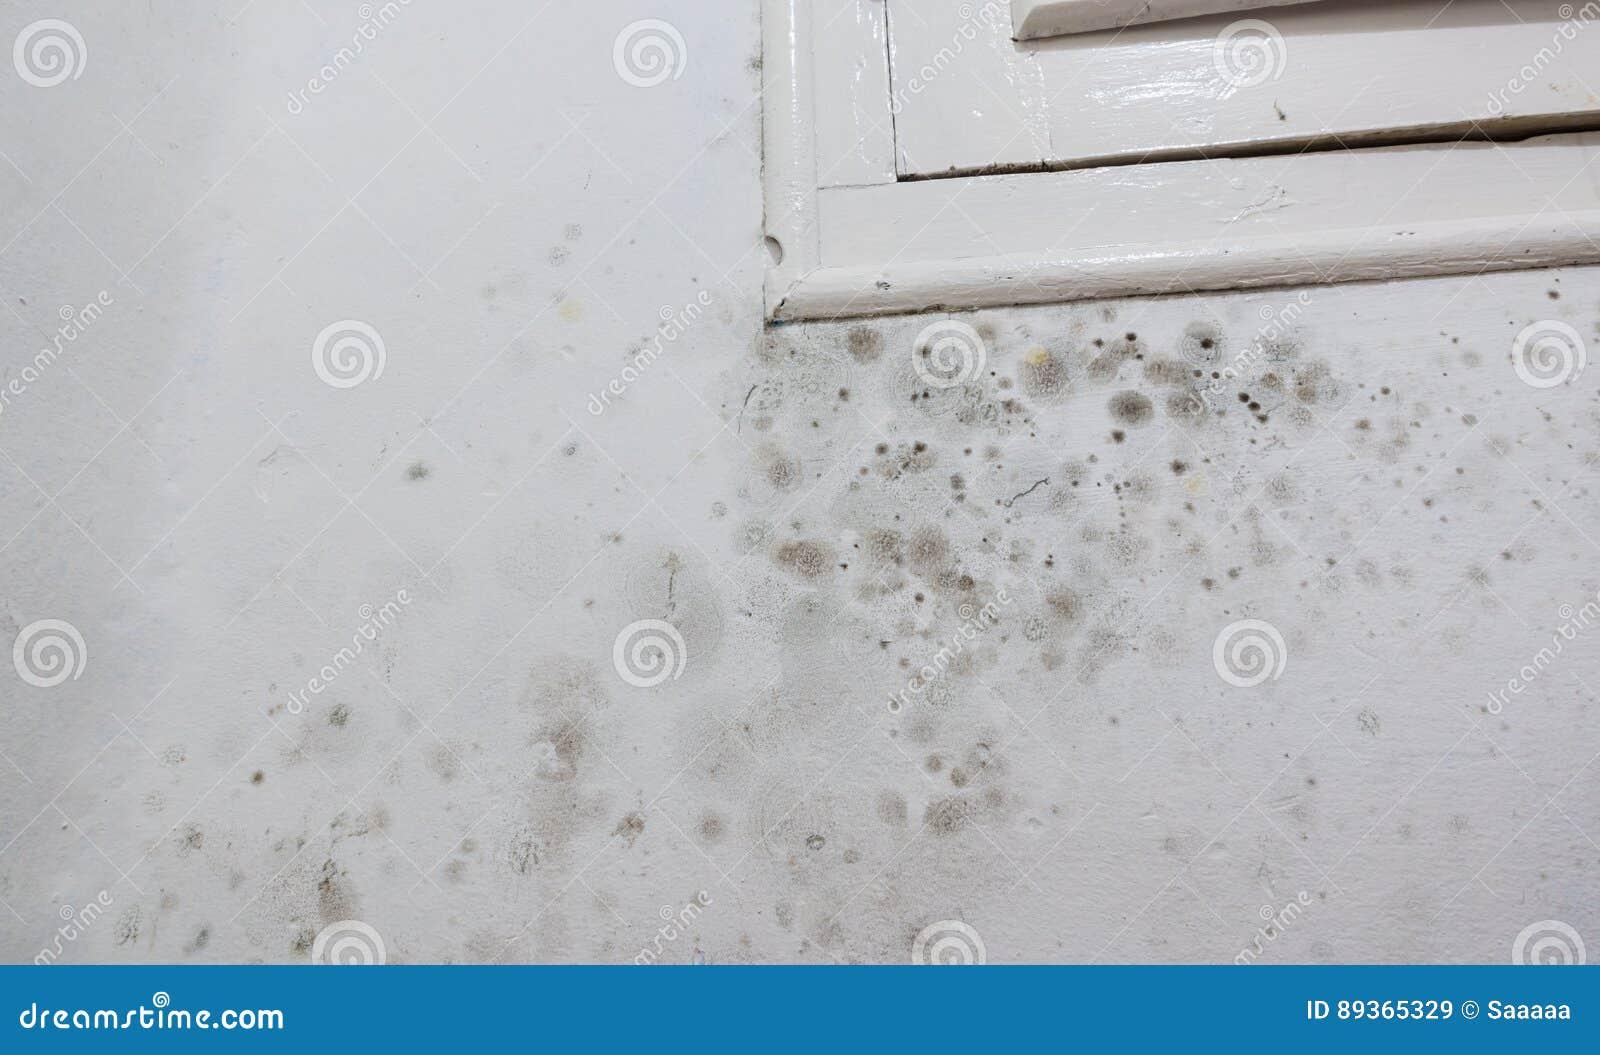 Feuchte Flecken Auf Einer Wand Stockbild Bild Von Feuchtigkeit